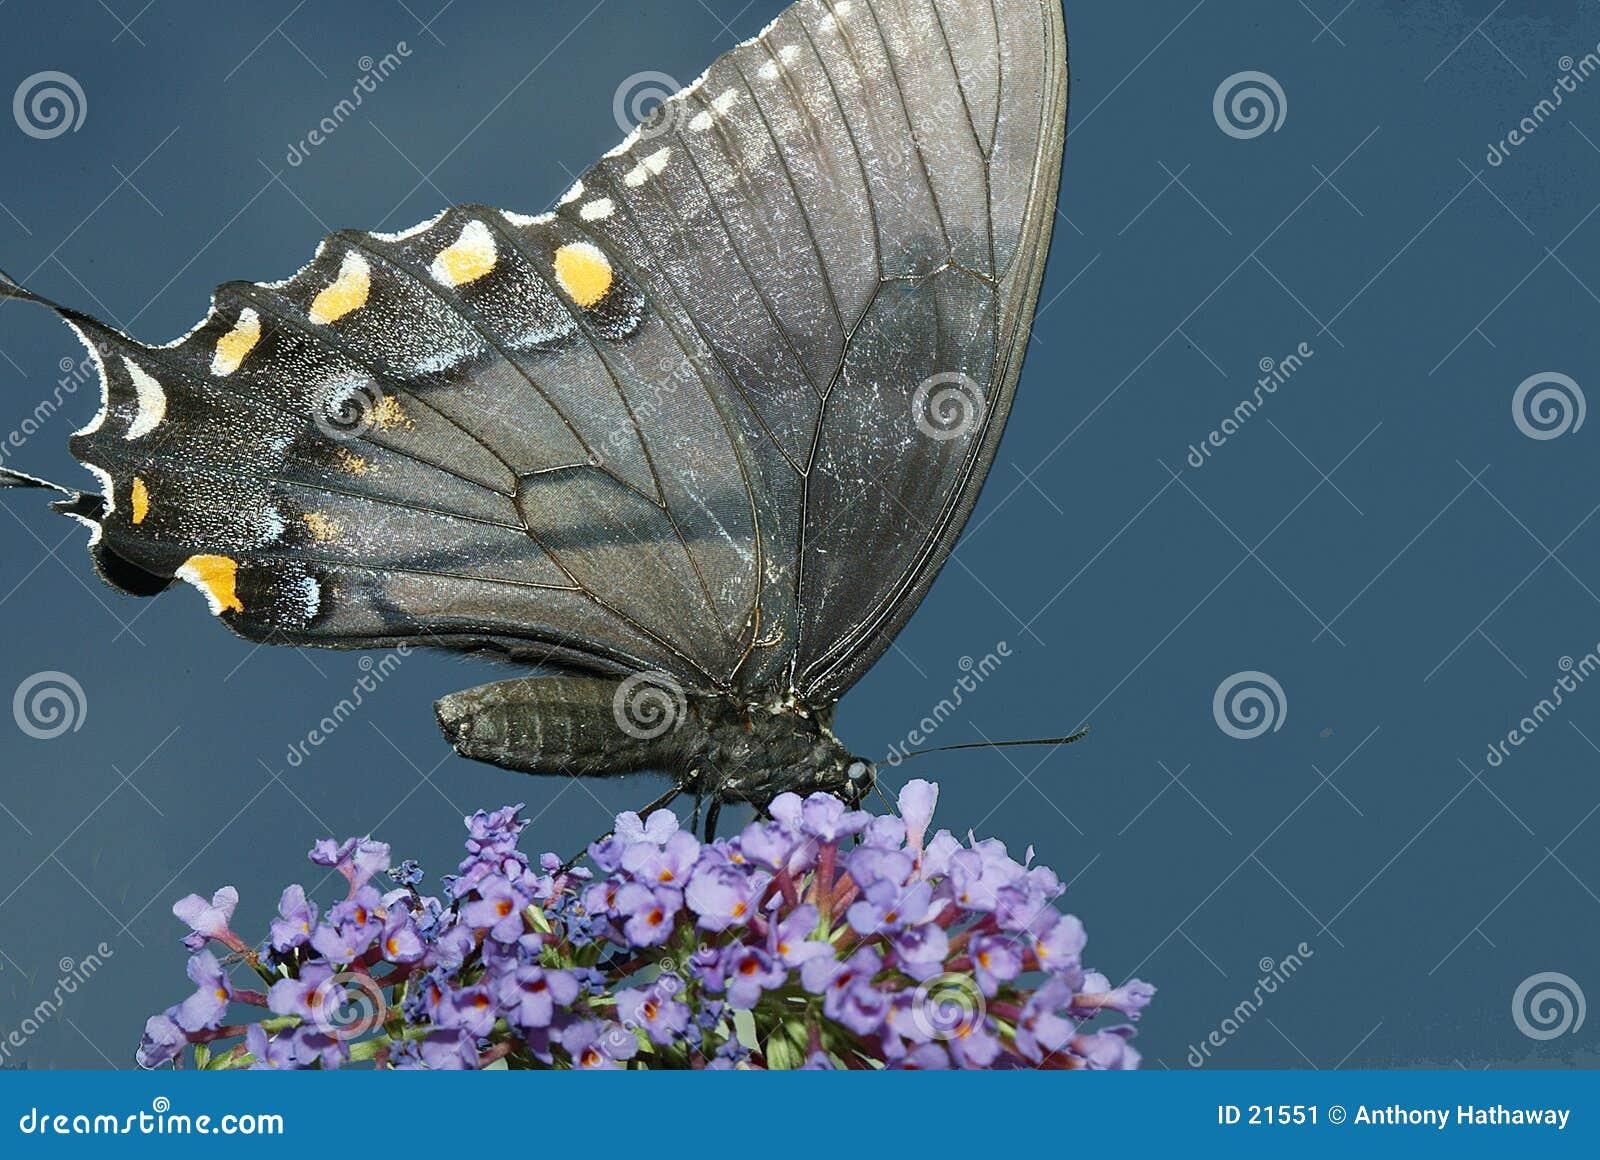 De Vlinder van Swallowtail